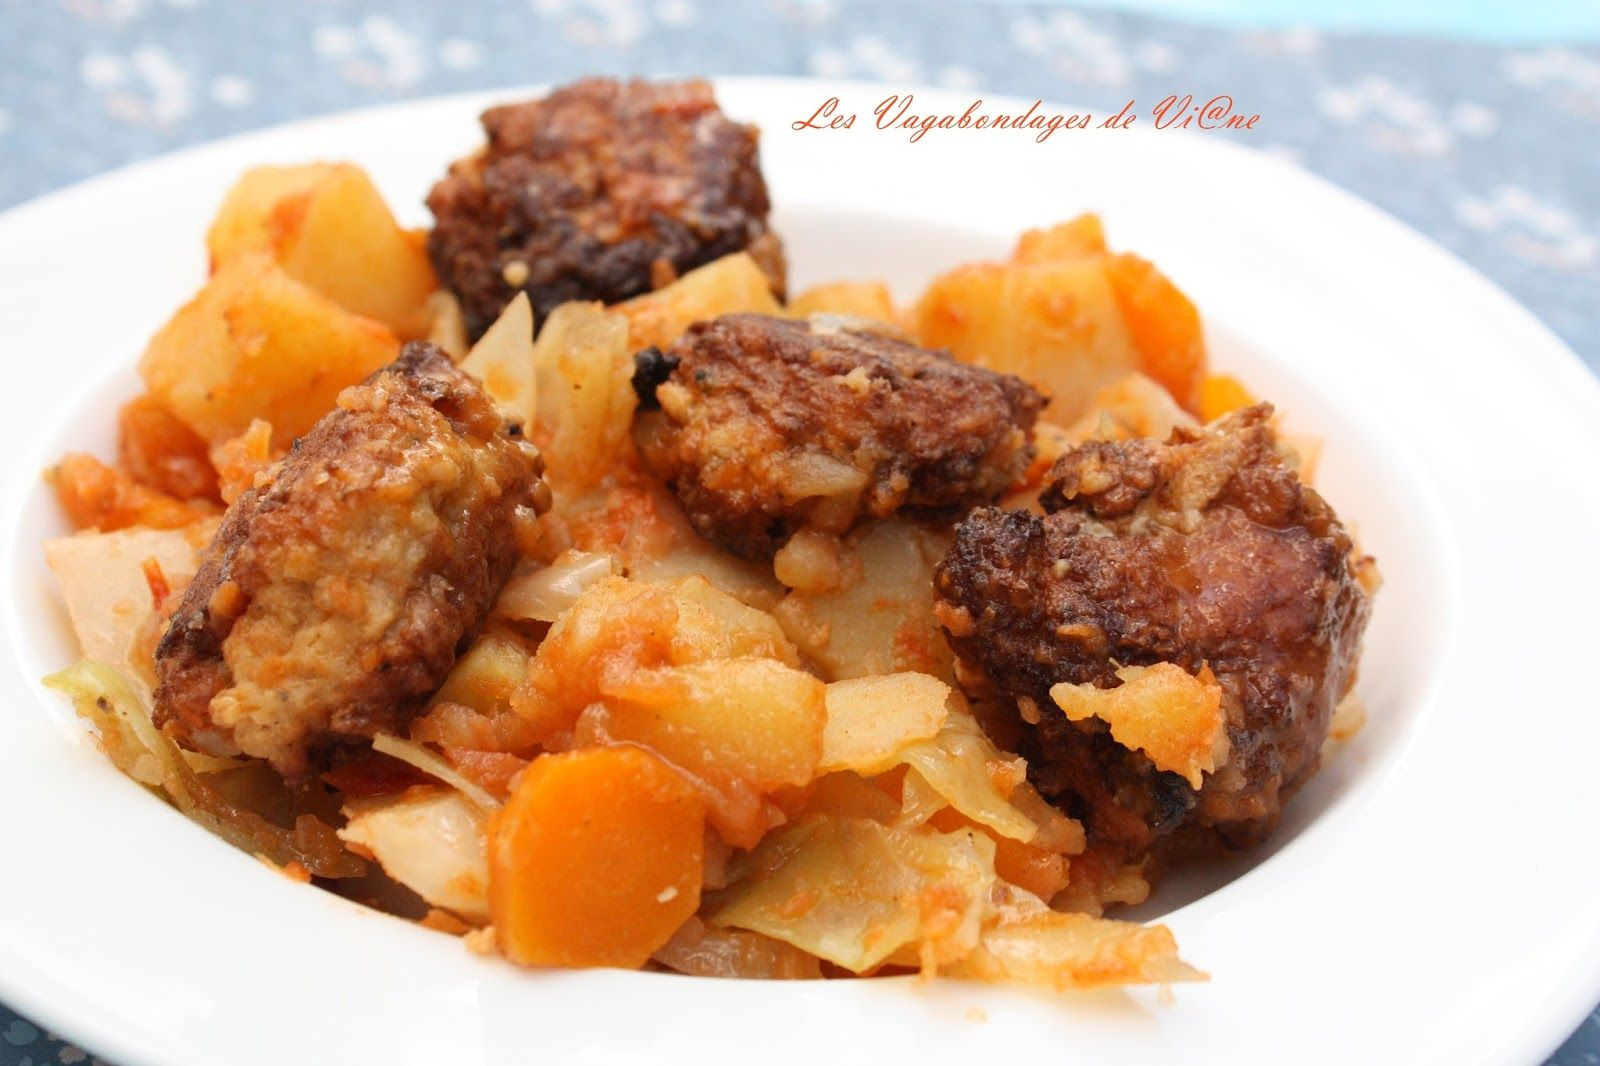 """Les thiou boulettes de Sylviane du blog """"Les Vagabondages de Vi@ne"""" inspirées du blog """"La tendresse en cuisine"""""""